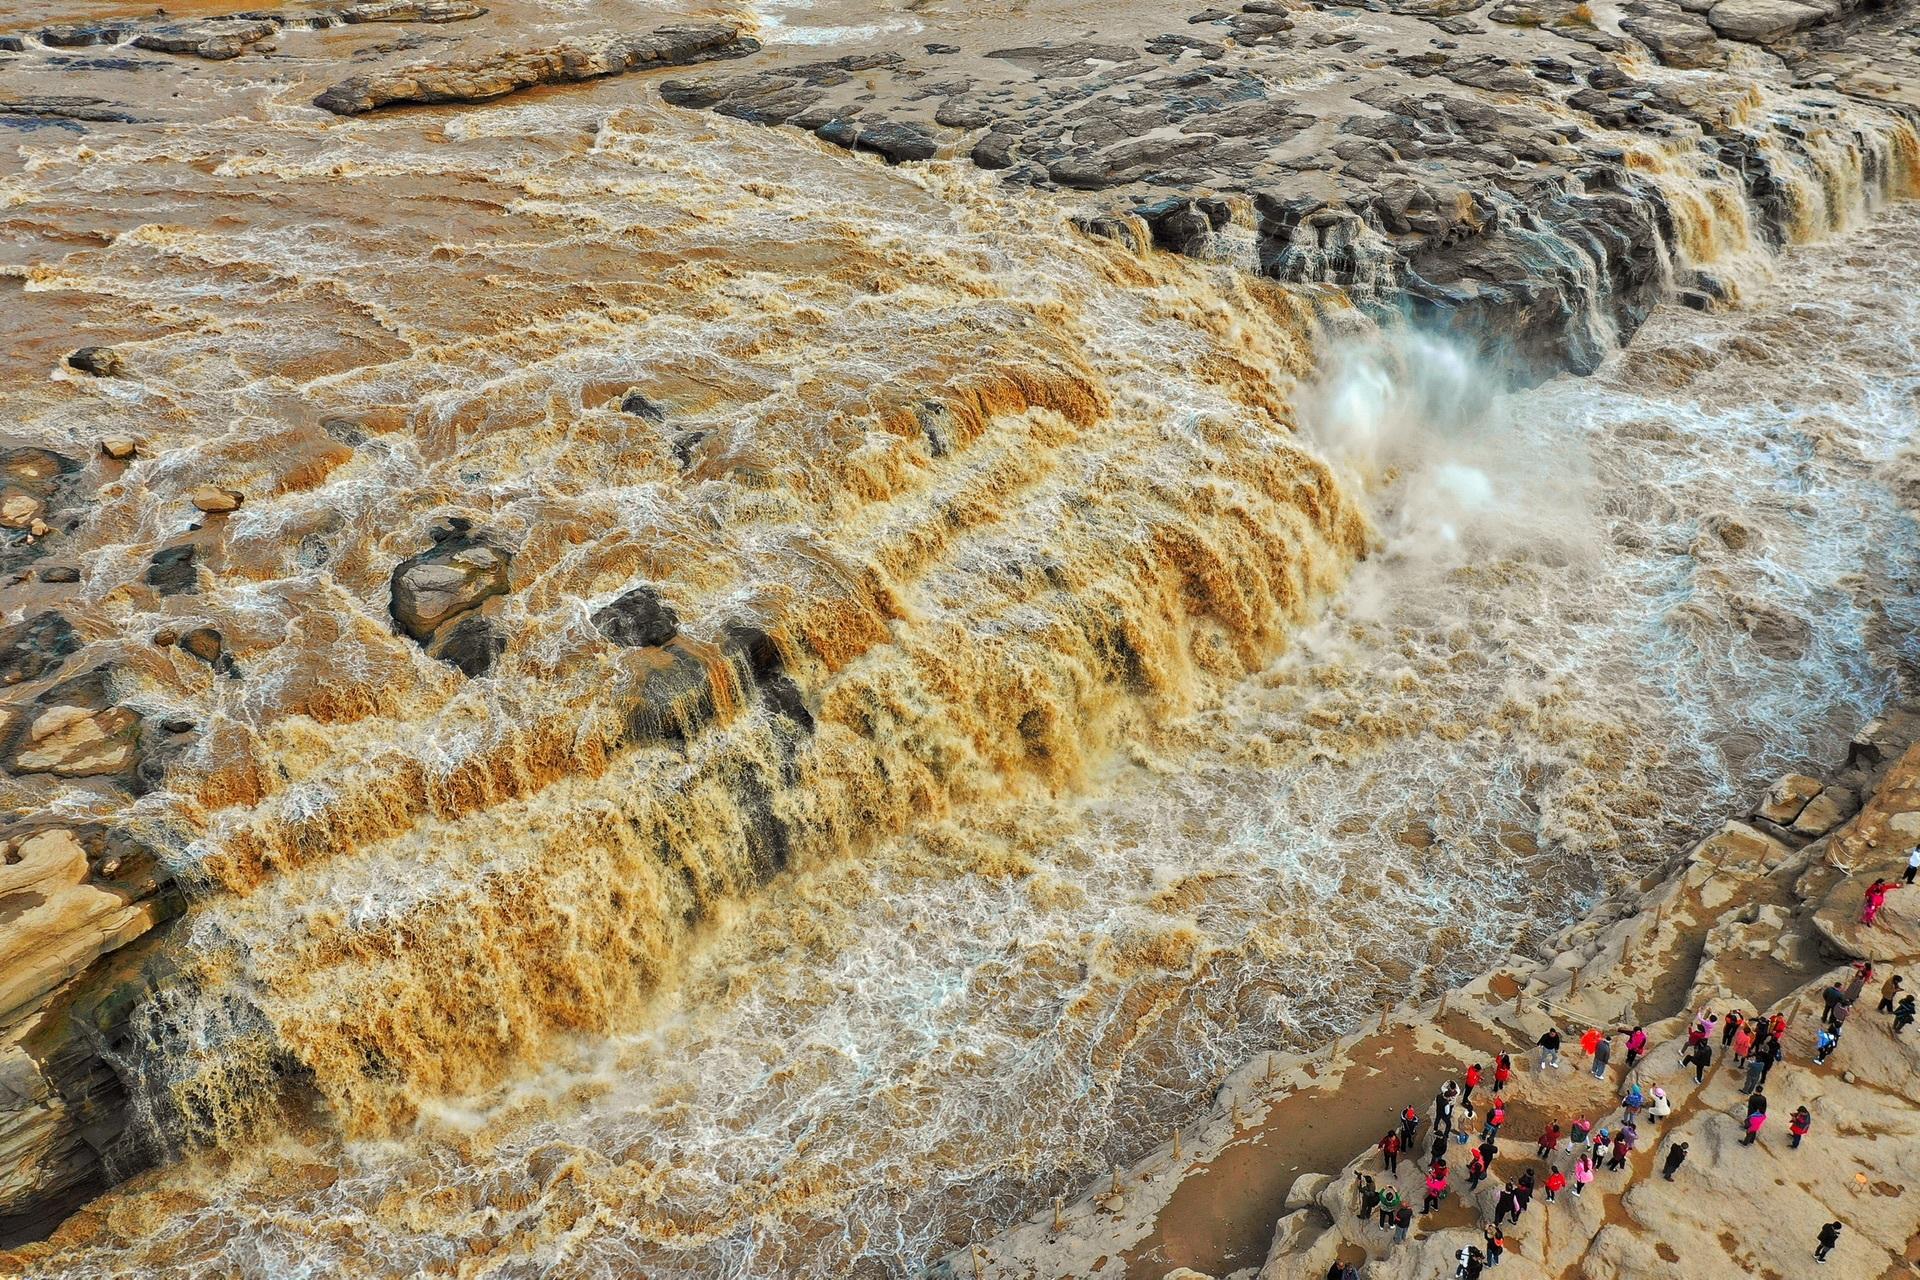 陕西新乡.壶口瀑布航拍,壶口瀑布旅游攻略-宜川南马河旅游攻略图片